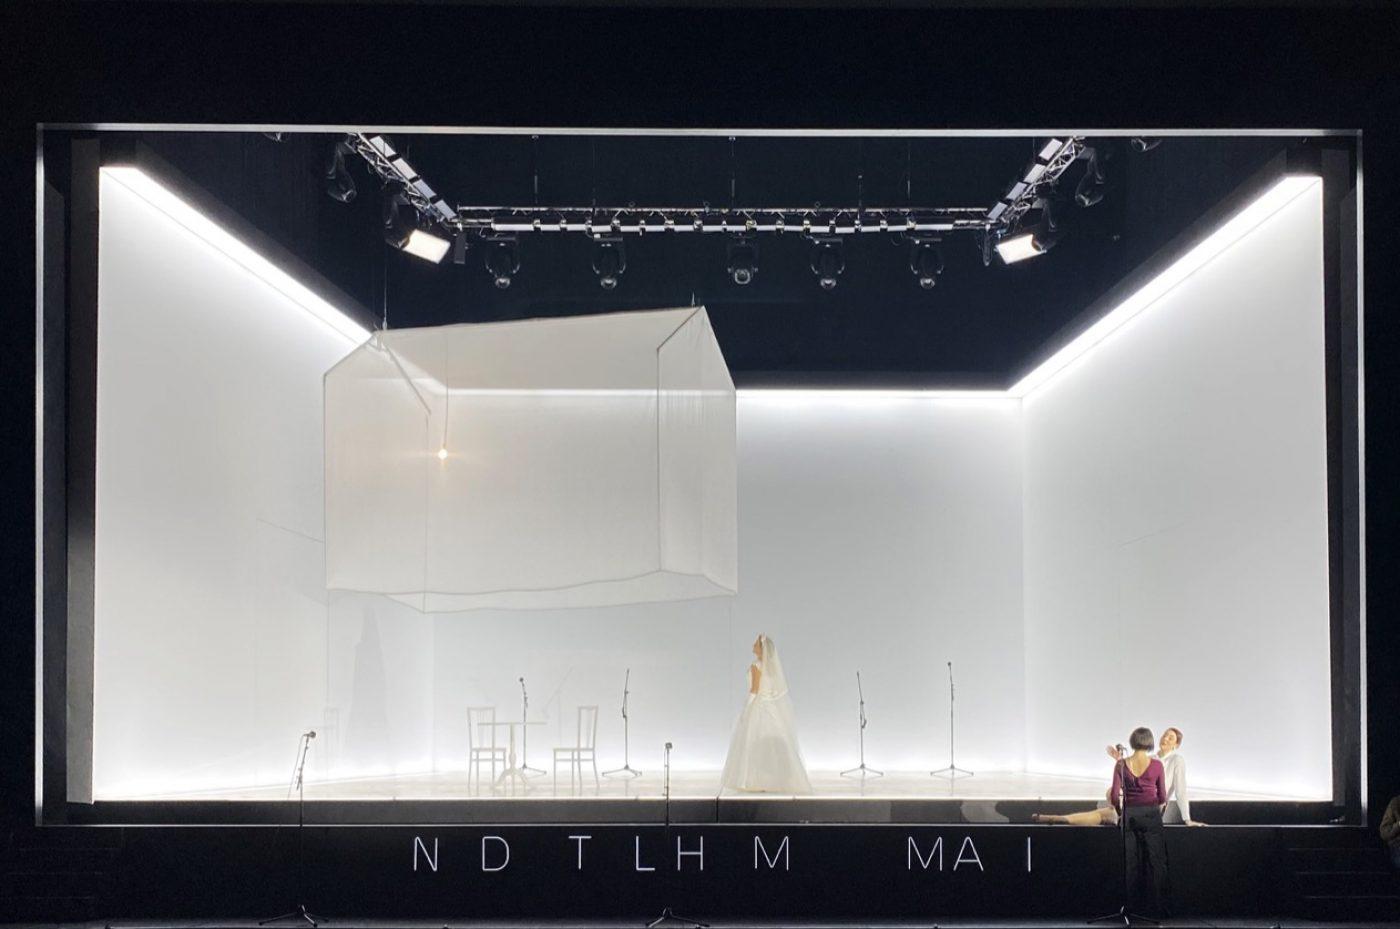 Paolo Fantin, Béatrice et Bénédict | Dir. Damiano Michieletto | Photo © Gianluca Ciriaci